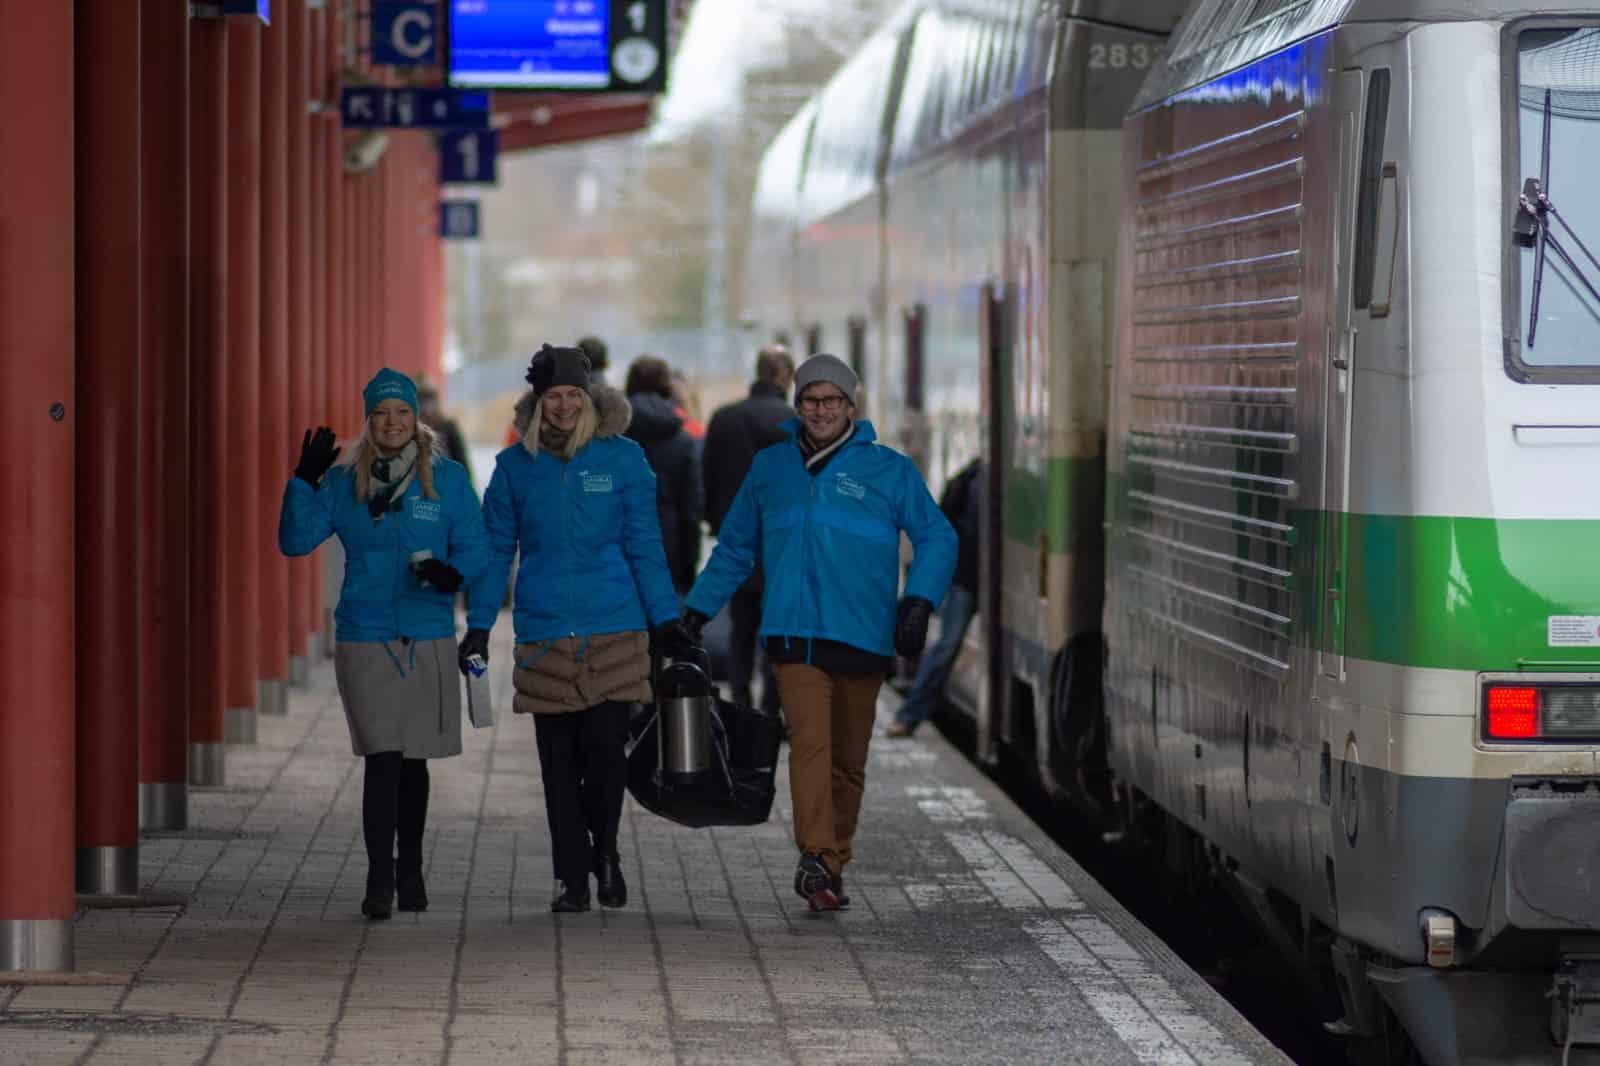 Salo, Salon juna-asemalla, Salon asemalla, Eduskuntavaalit 2019, tunnin juna, Turku, Kupittaa, Salo, #Takatalo2019, Varsinais-Suomi, Kokoomus